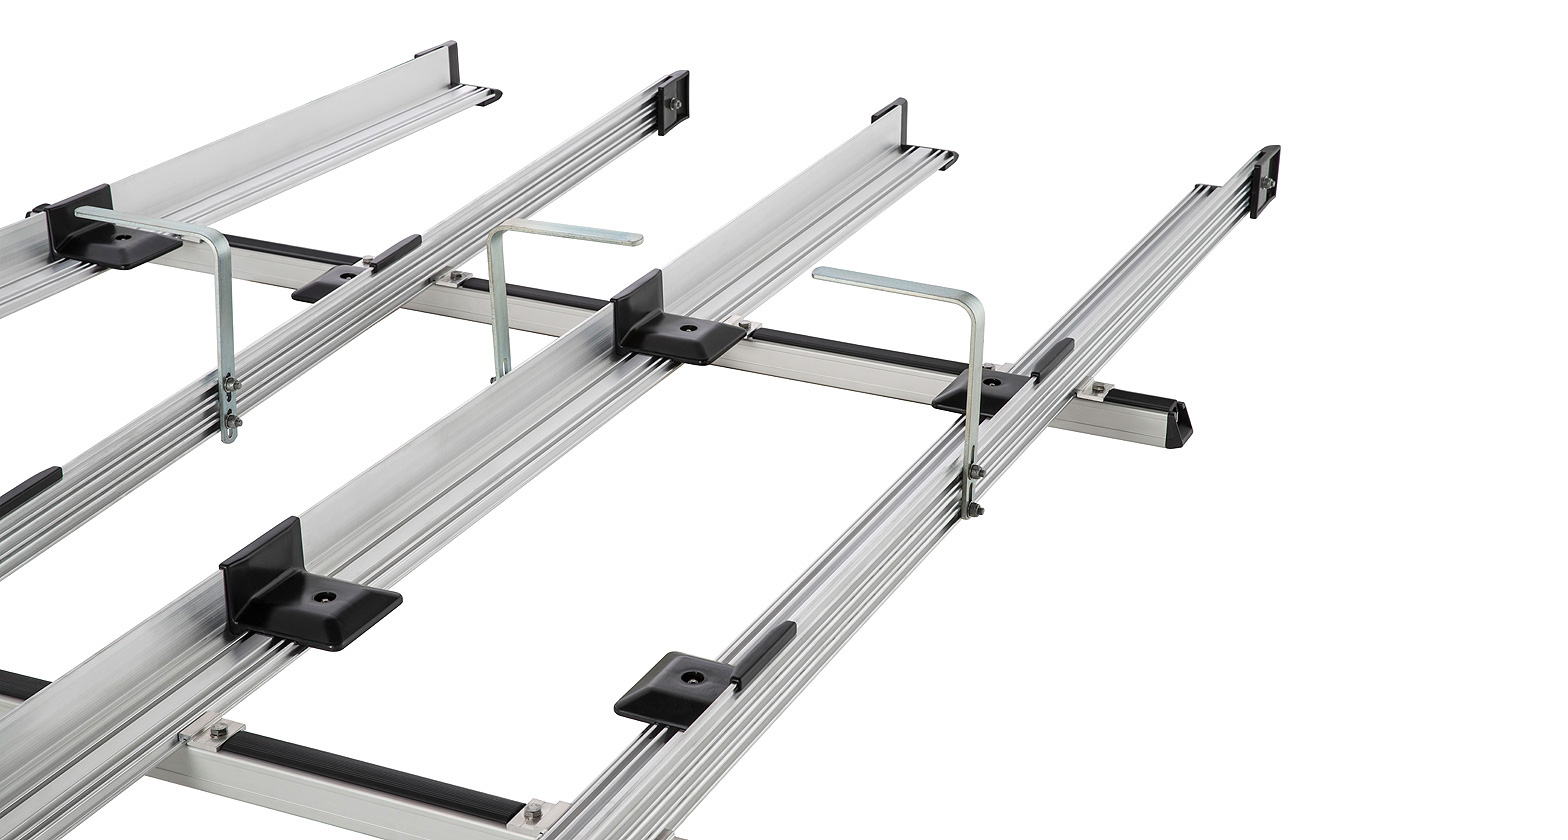 Jb0237 Multislide Double Ladder Rack System Rhino Rack